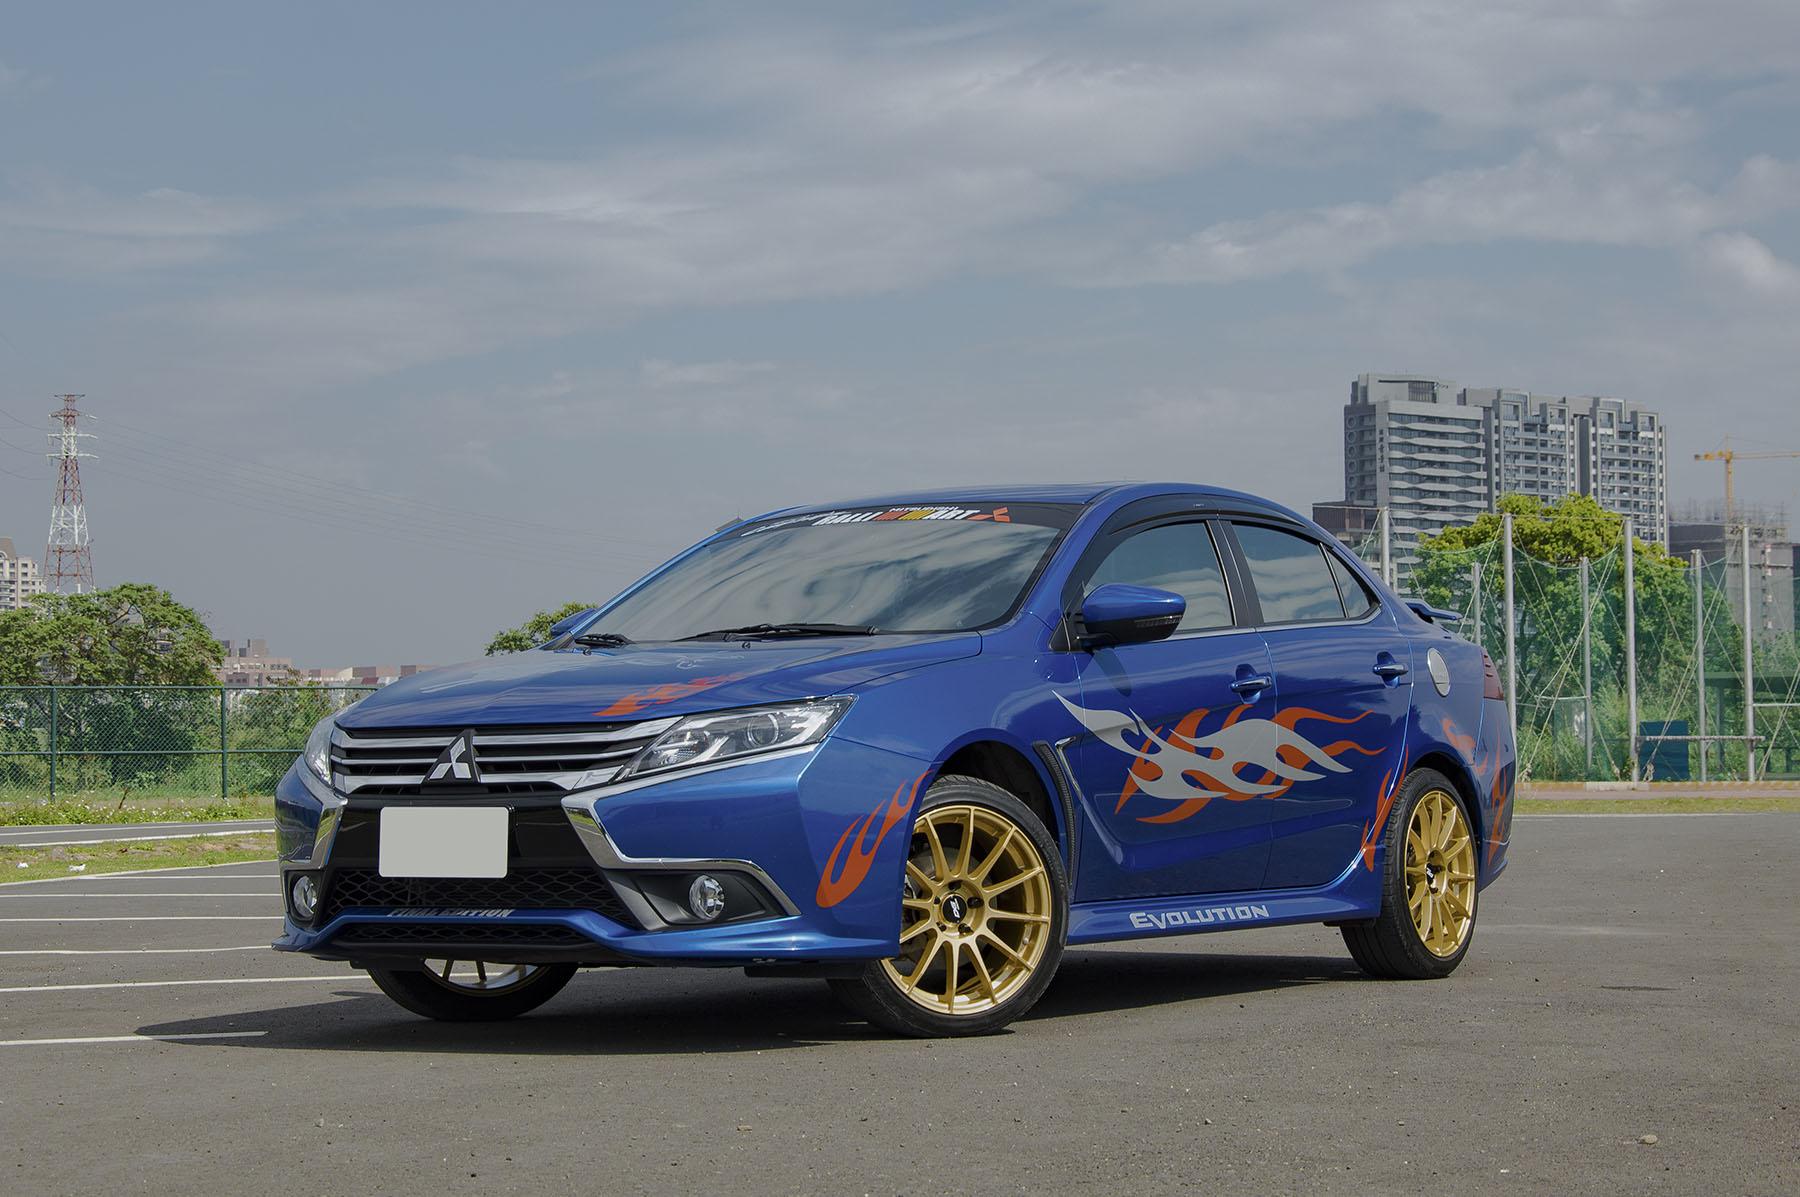 2017 Mitsubishi 三菱 Lancer fortis